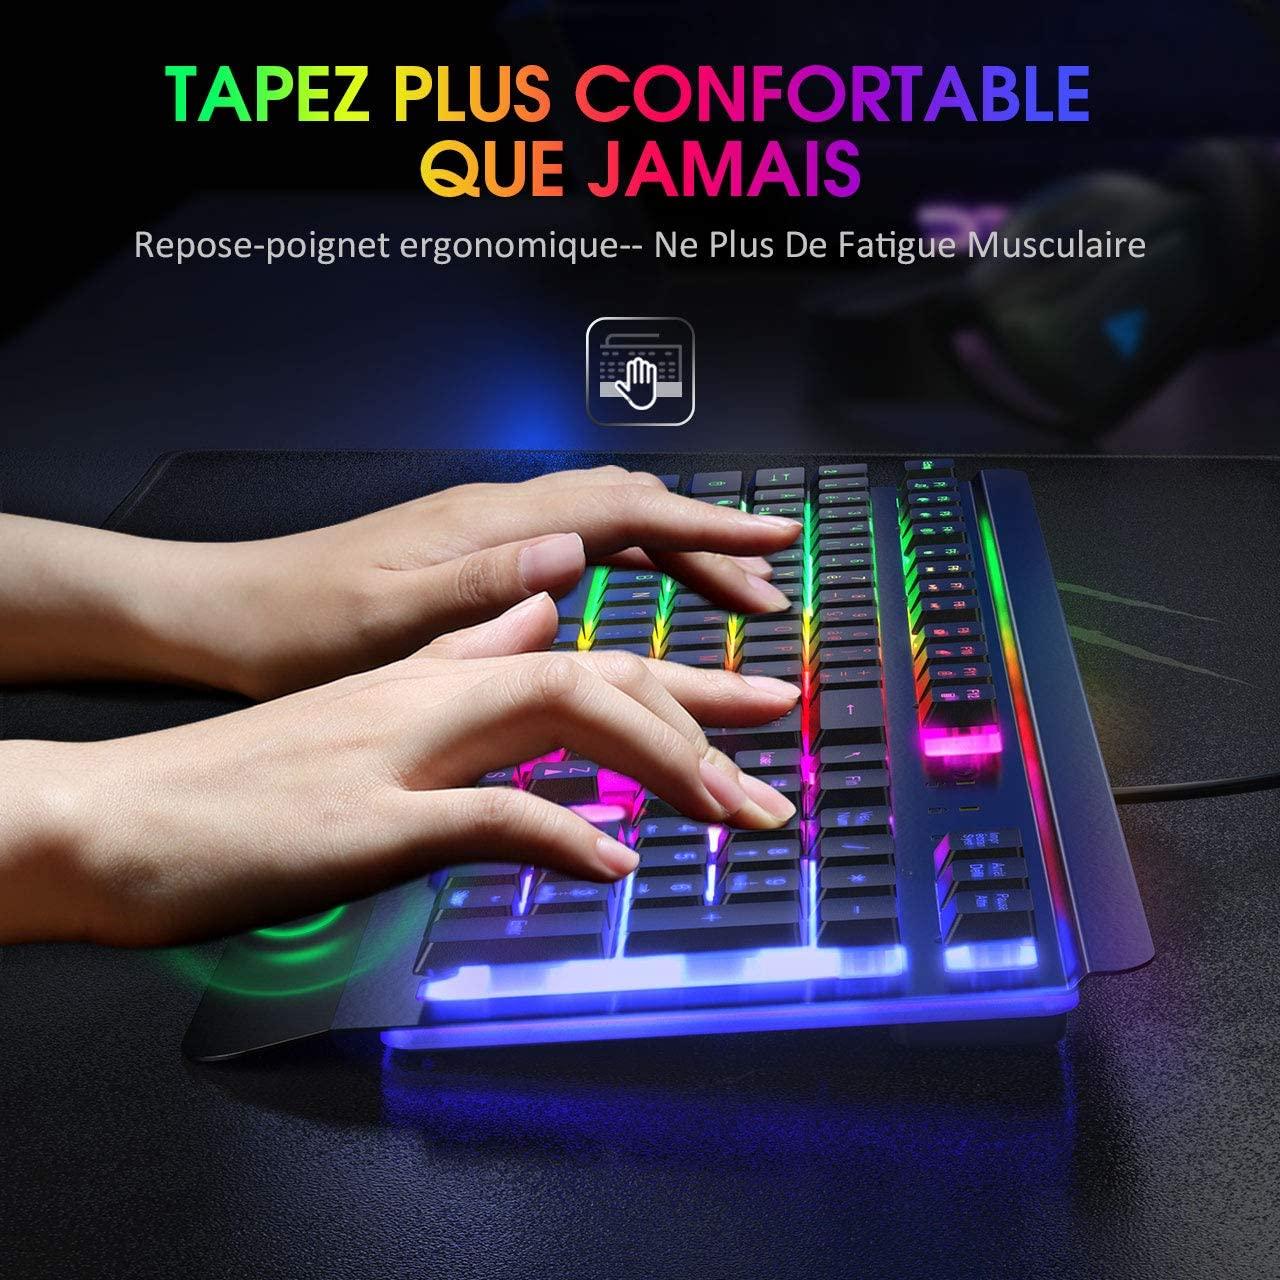 Quels sont les plus grands avantages d'un clavier ergonomique dans un comparatif